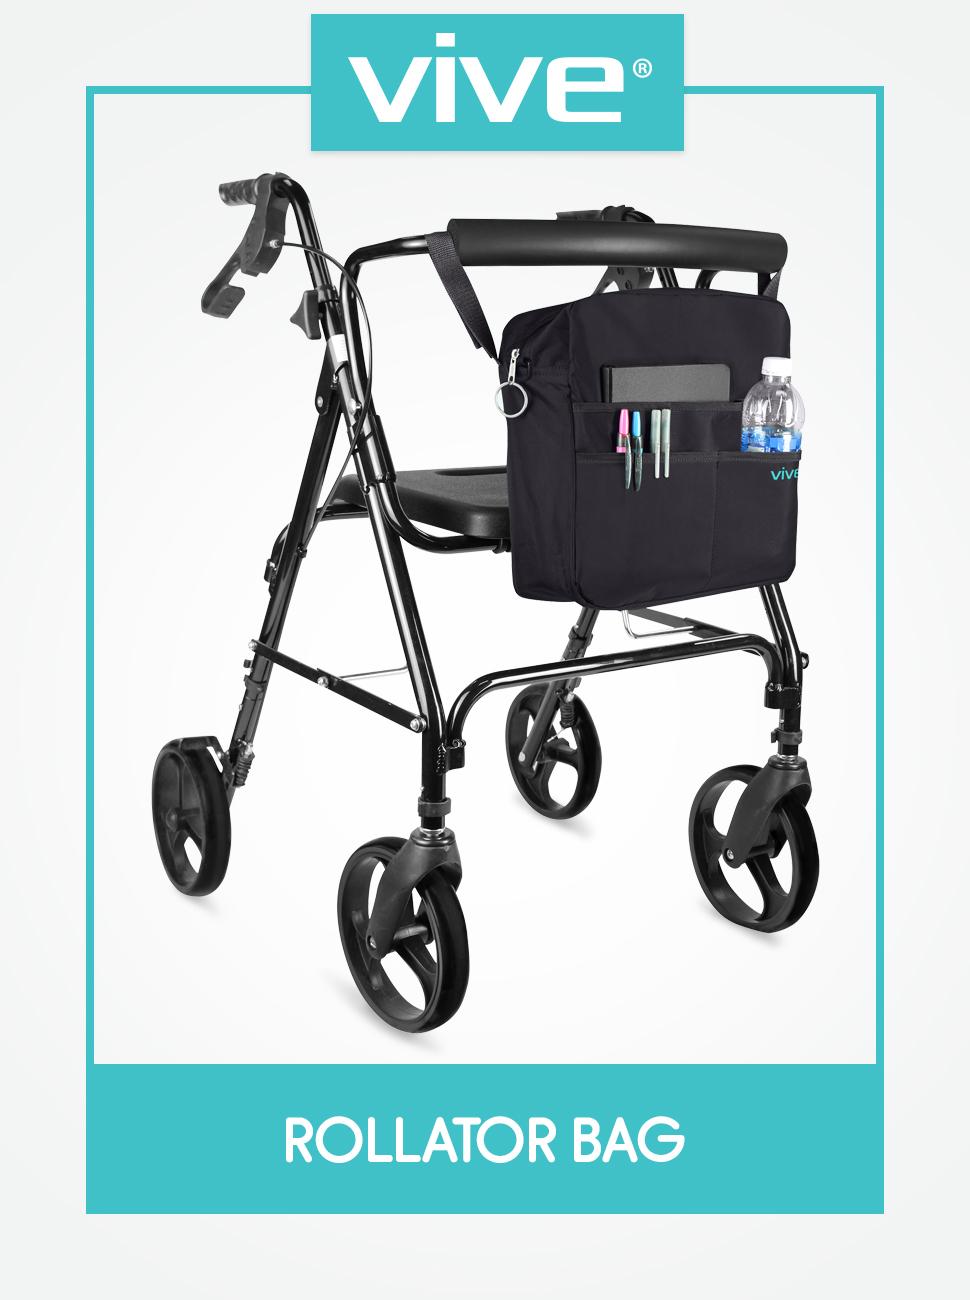 Amazon.com: Bolsa de transporte Vive para andador, universal ...